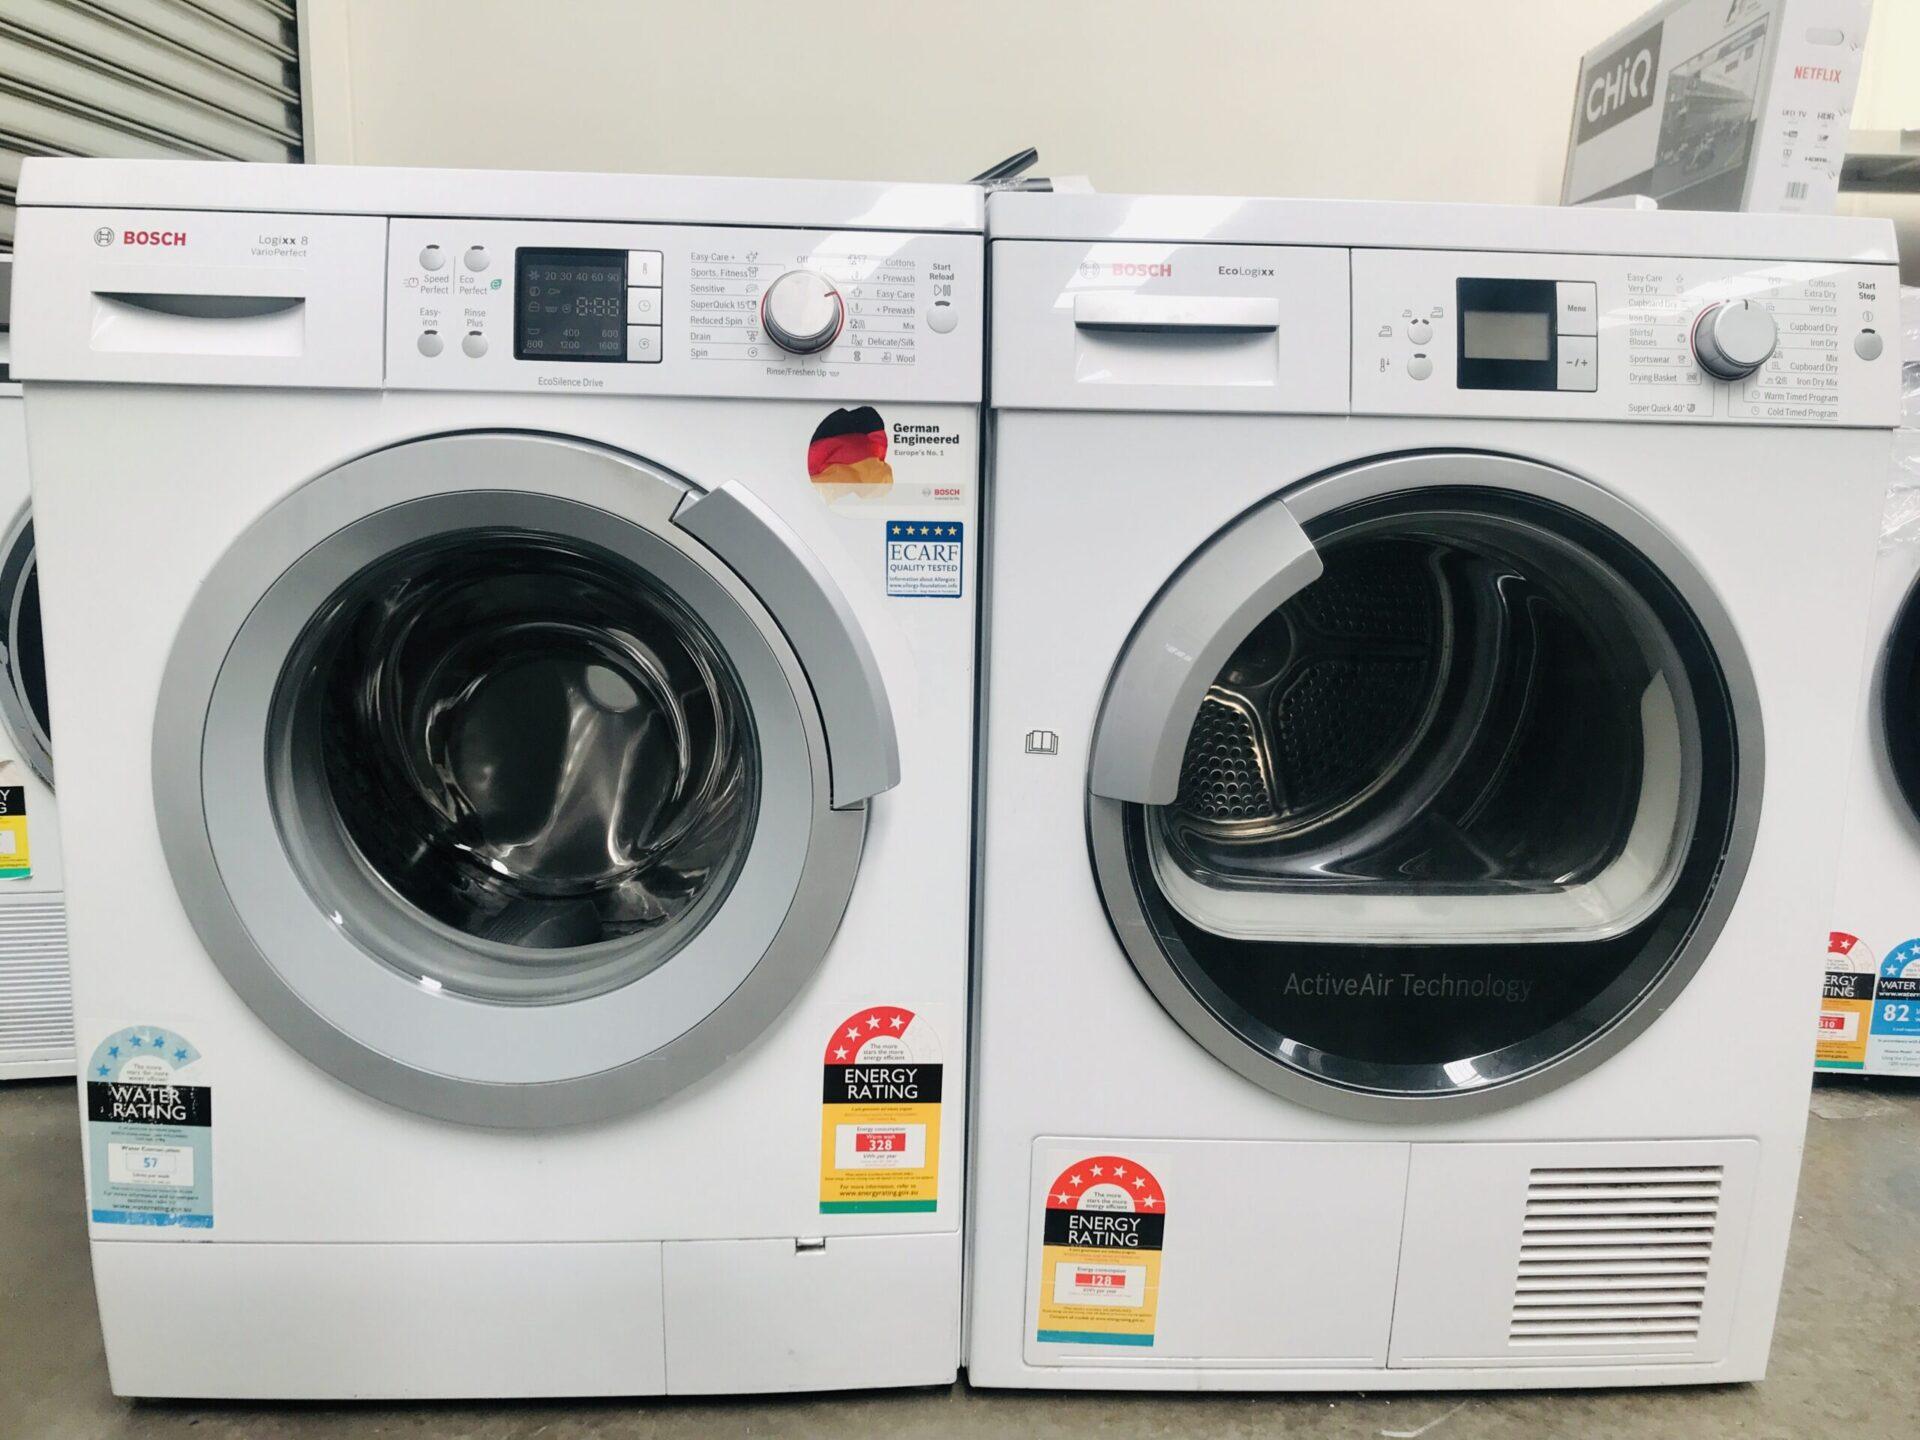 Bosch 8kg Front Load Washing Machine(German Made) & Bosch 6.5kg Heat Pump Dryer WAS32440AU  WTW86561AU